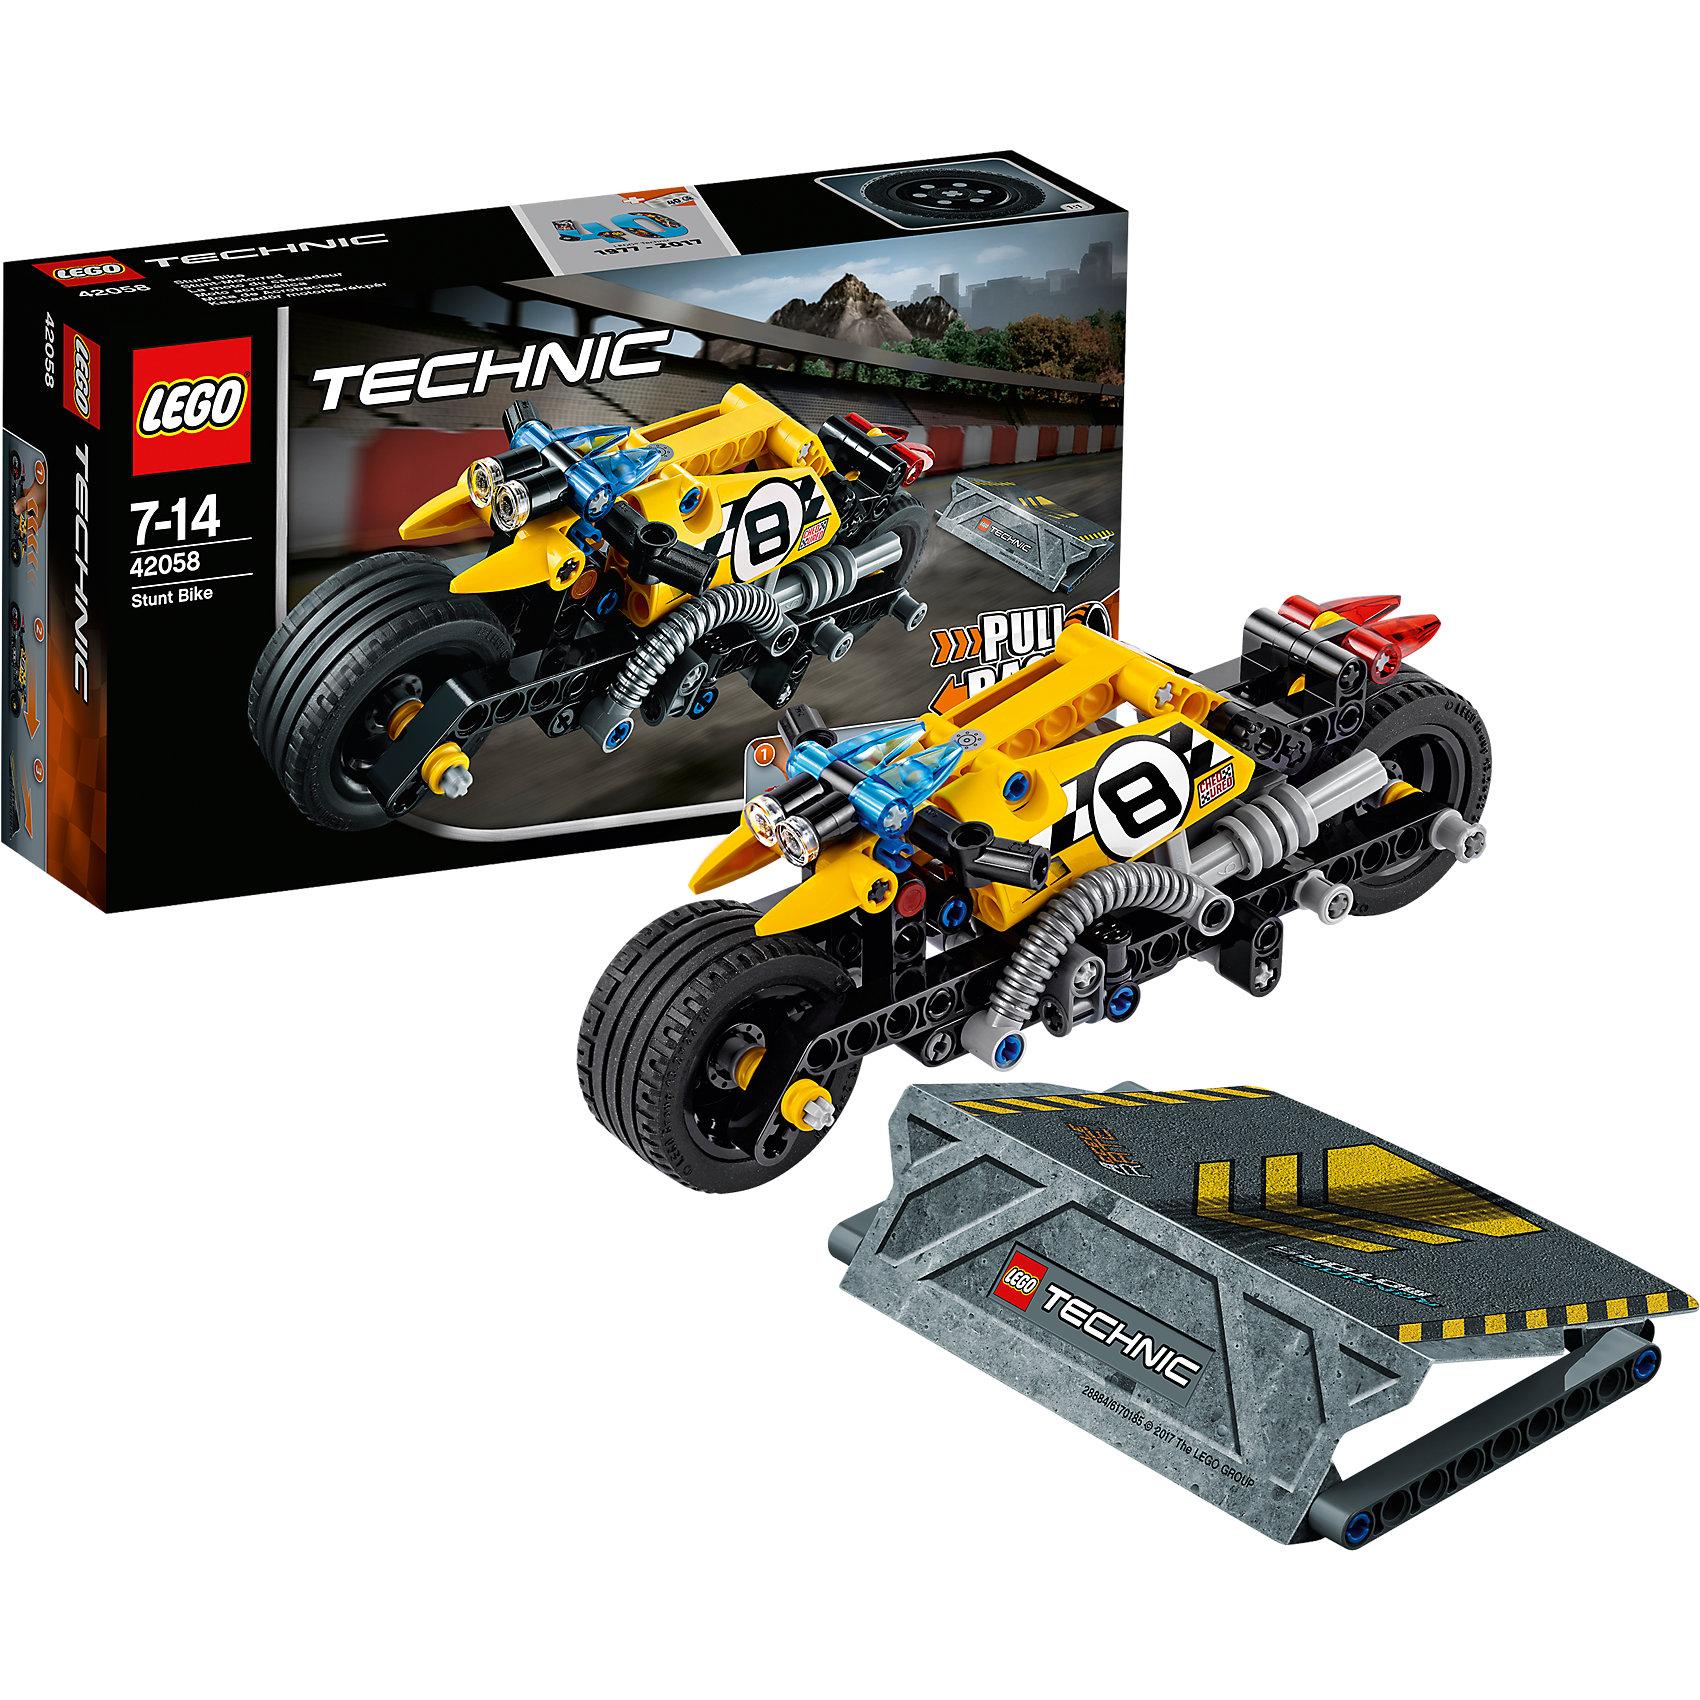 LEGO Technic 42058: Мотоцикл для трюковLEGO Technic 42058: Мотоцикл для трюков<br><br>Характеристики:<br><br>- в набор входит: детали мотоцикла и рампы, наклейки, инструкция по сборке<br>- состав: пластик<br>- количество деталей: 140<br>- приблизительное время сборки: 25 мин.<br>- размер мотоцикла: 18 * 7 * 7 см.<br>- размер рампы: 9 * 12 * 2 см.<br>- для детей в возрасте: от 7 до 14 лет<br>- Страна производитель: Дания/Китай/Чехия<br><br>Легендарный конструктор LEGO (ЛЕГО) представляет серию «Technic», которая бросает вызов уже опытным строителям ЛЕГО. Ваш ребенок может строить продвинутые модели с реальными функциями, такими как коробки передач и системы рулевого управления. В набор включена уникальная деталь, посвященная сорокалетию серии. <br><br>Наслаждайтесь строительством нового трюкового мотоцикла с заводным механизмом, позволяющим ему разгоняться за счет завода и спрыгивать с рампы из набора. Высоту переднего колеса можно регулировать, а маленькие декоративные детали делают вид мотоцикла еще более реалистичным. Сборная рампа оснащена небольшими прорезиненными детали, благодаря чему она не сдвигается при исполнении трюков. Набор комбинируется с LEGO Technic 42059: Трюковой грузовик. <br><br>Играя с конструктором ребенок развивает моторику рук, воображение и логическое мышление, научится собирать по инструкции и создавать свои модели. Принимайте новые вызовы по сборке моделей и придумывайте новые истории с набором LEGO «Technic»!<br><br>Конструктор LEGO Technic 42058: Мотоцикл для трюков можно купить в нашем интернет-магазине.<br><br>Ширина мм: 265<br>Глубина мм: 144<br>Высота мм: 66<br>Вес г: 265<br>Возраст от месяцев: 84<br>Возраст до месяцев: 168<br>Пол: Мужской<br>Возраст: Детский<br>SKU: 5002416